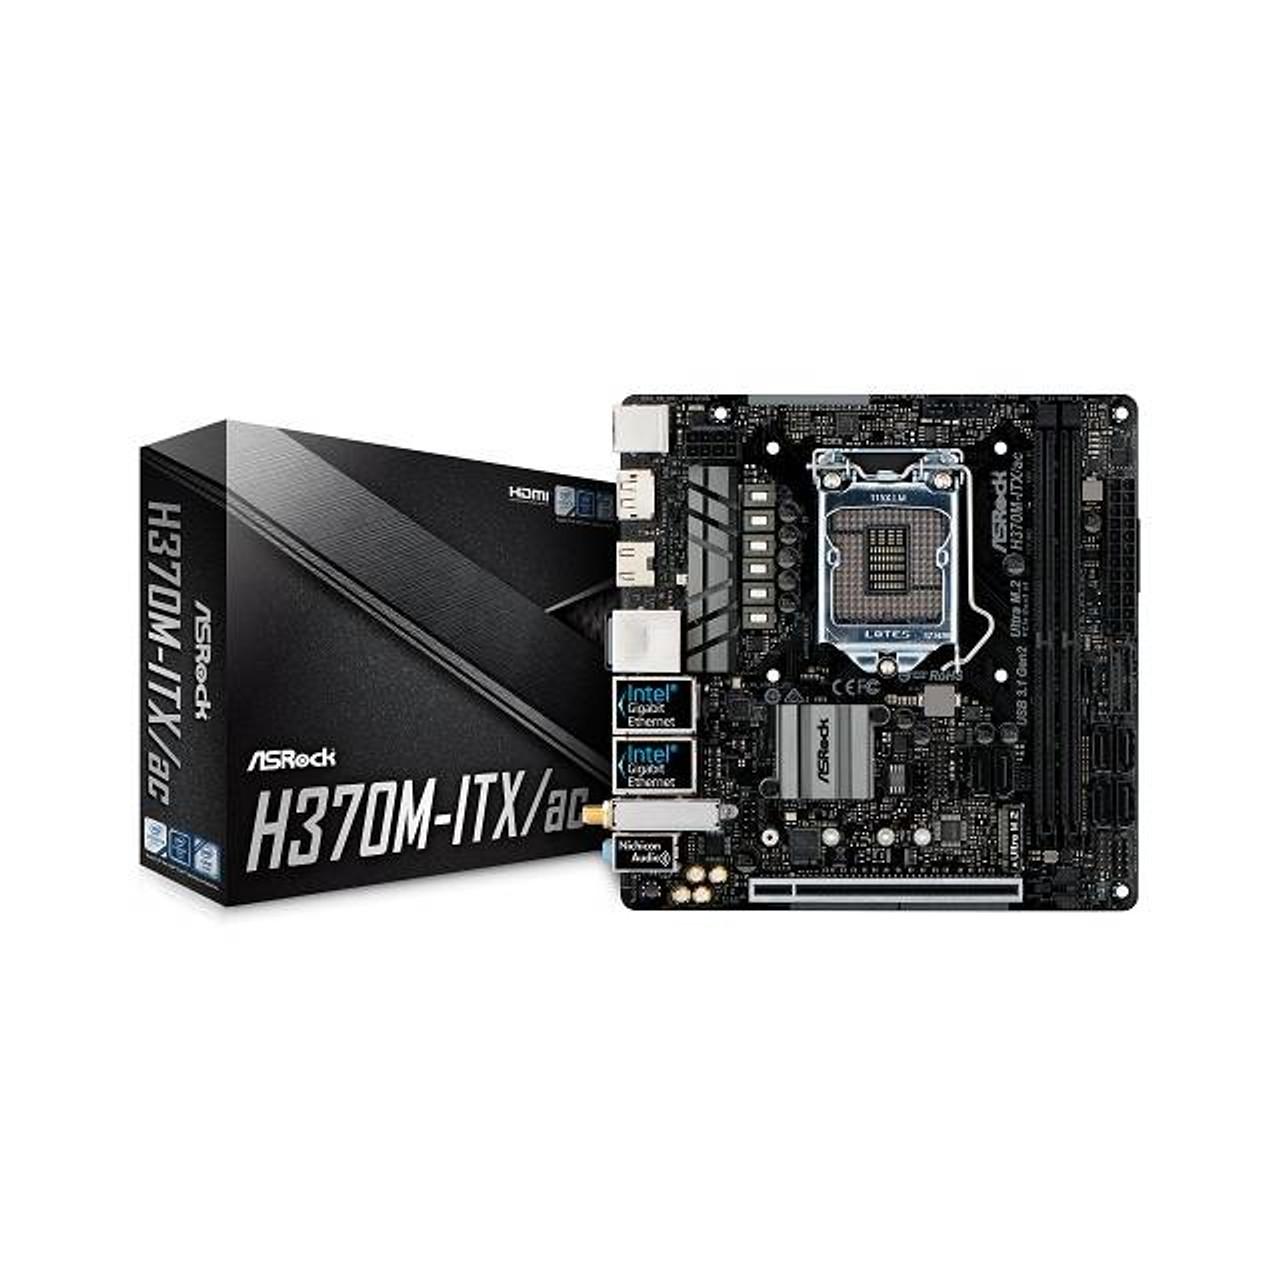 ASRock H370M-ITX/AC LGA1151/ Intel H370/ DDR4/ SATA3&USB3.1/ M.2/ WiFi/ A&2GbE/ Mini-ITX Motherboard New